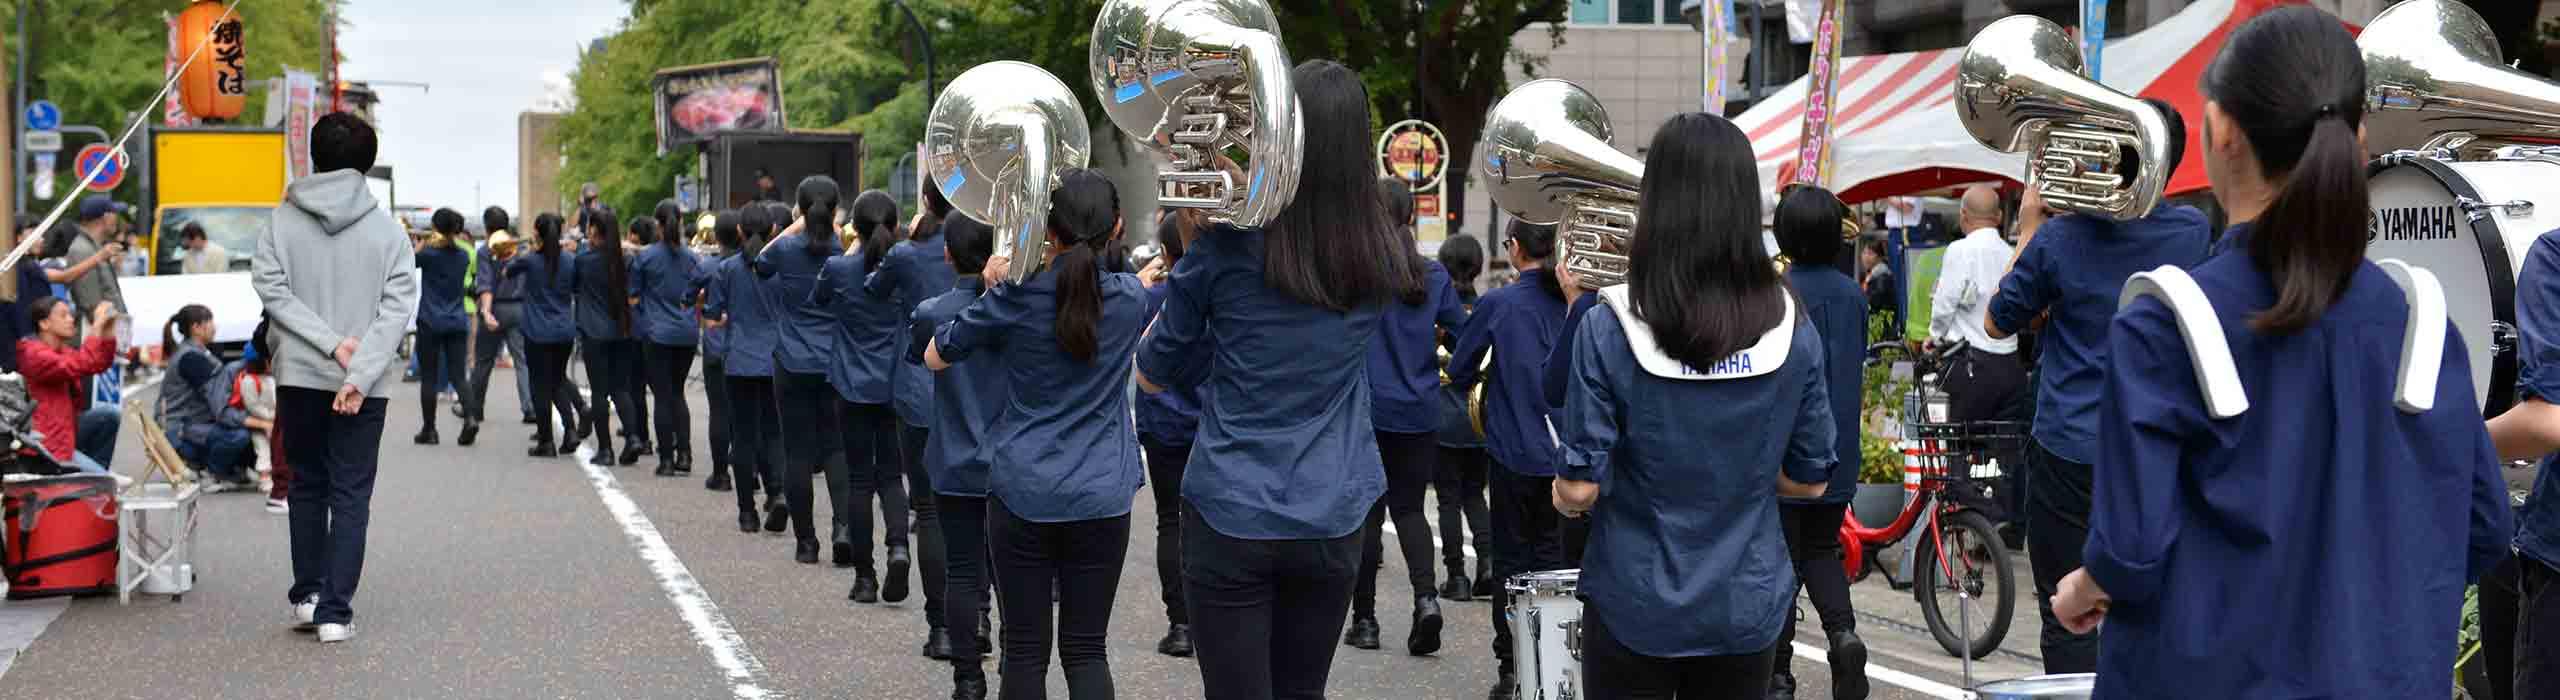 ホッチポッチミュージックフェスティバル2017 〜ごちゃまぜでハッピネス〜 日本大通り会場